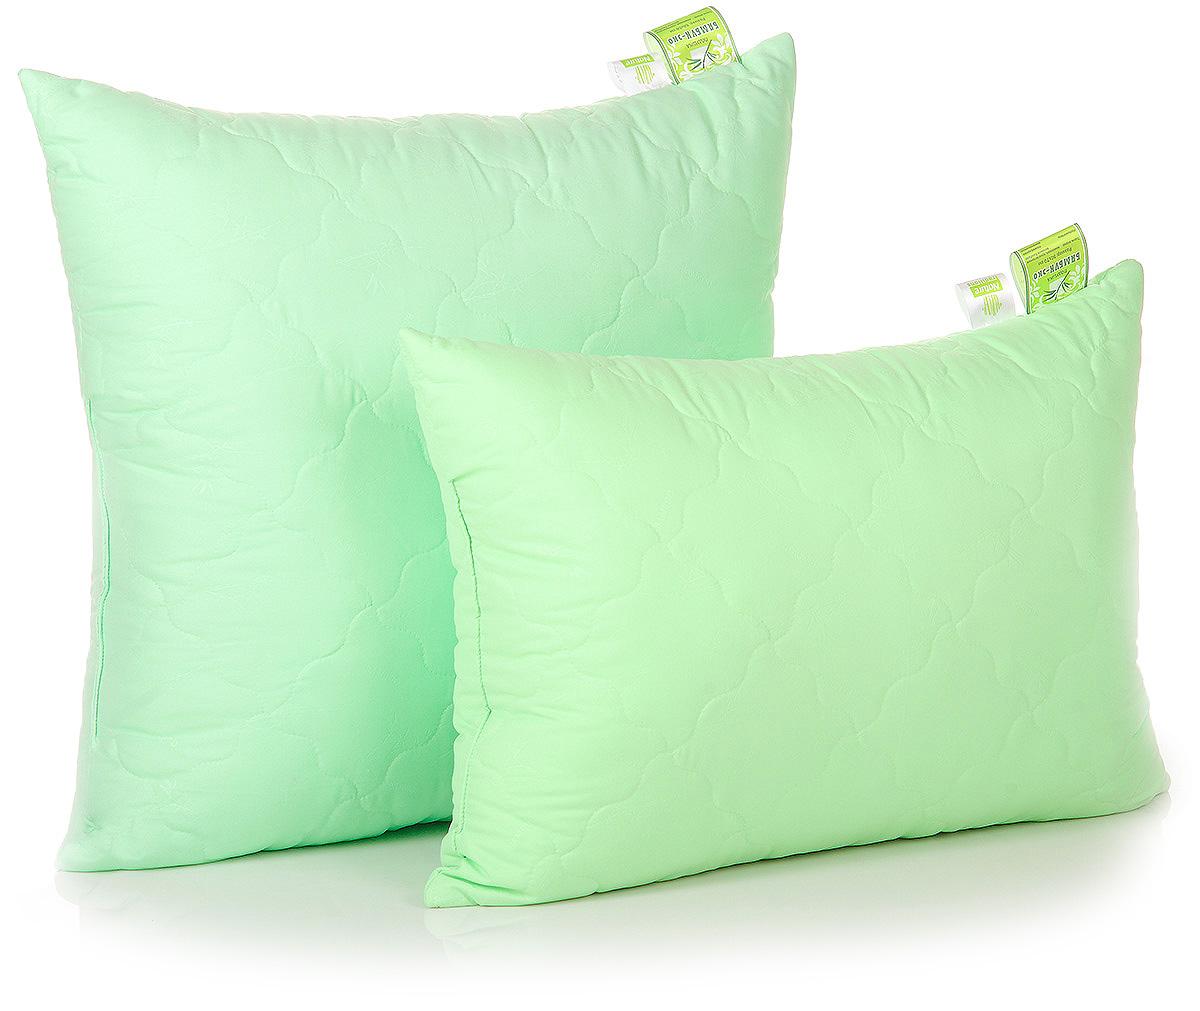 Подушка Belashoff Бамбук-Эко, средняя, цвет: зеленый, 68 х 68 смПБ 2 - 1 СКоллекция Бамбук-Эко — облегченный вариант изделий с наполнителем из бамбукового волокна: одеяло, стеганое фантазийными узорами стежки, идеально подходит для летнего сезона, а использование современных синтетических тканей повышает износостойкость изделий.